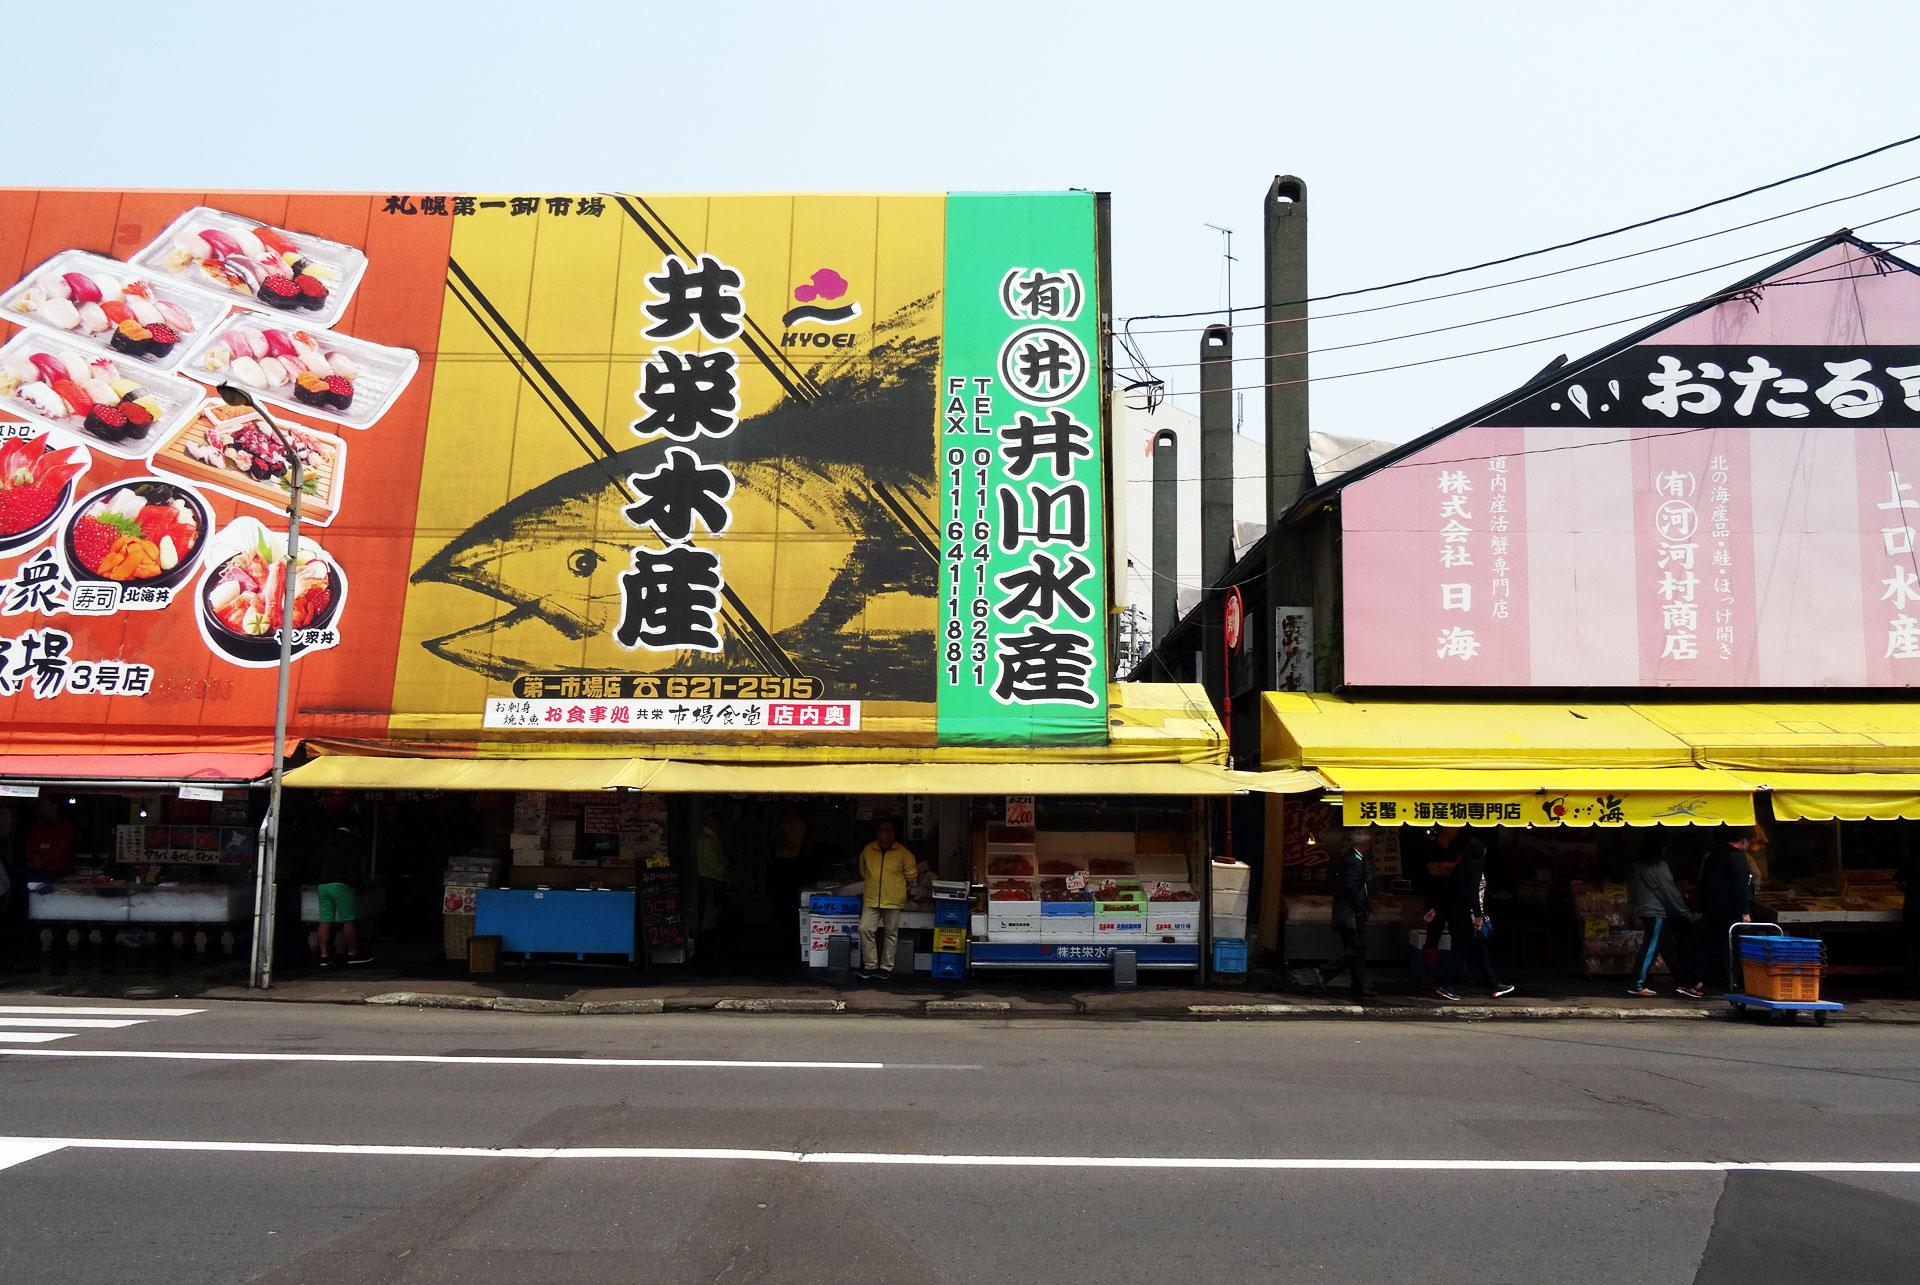 Nijo market in Sapporo